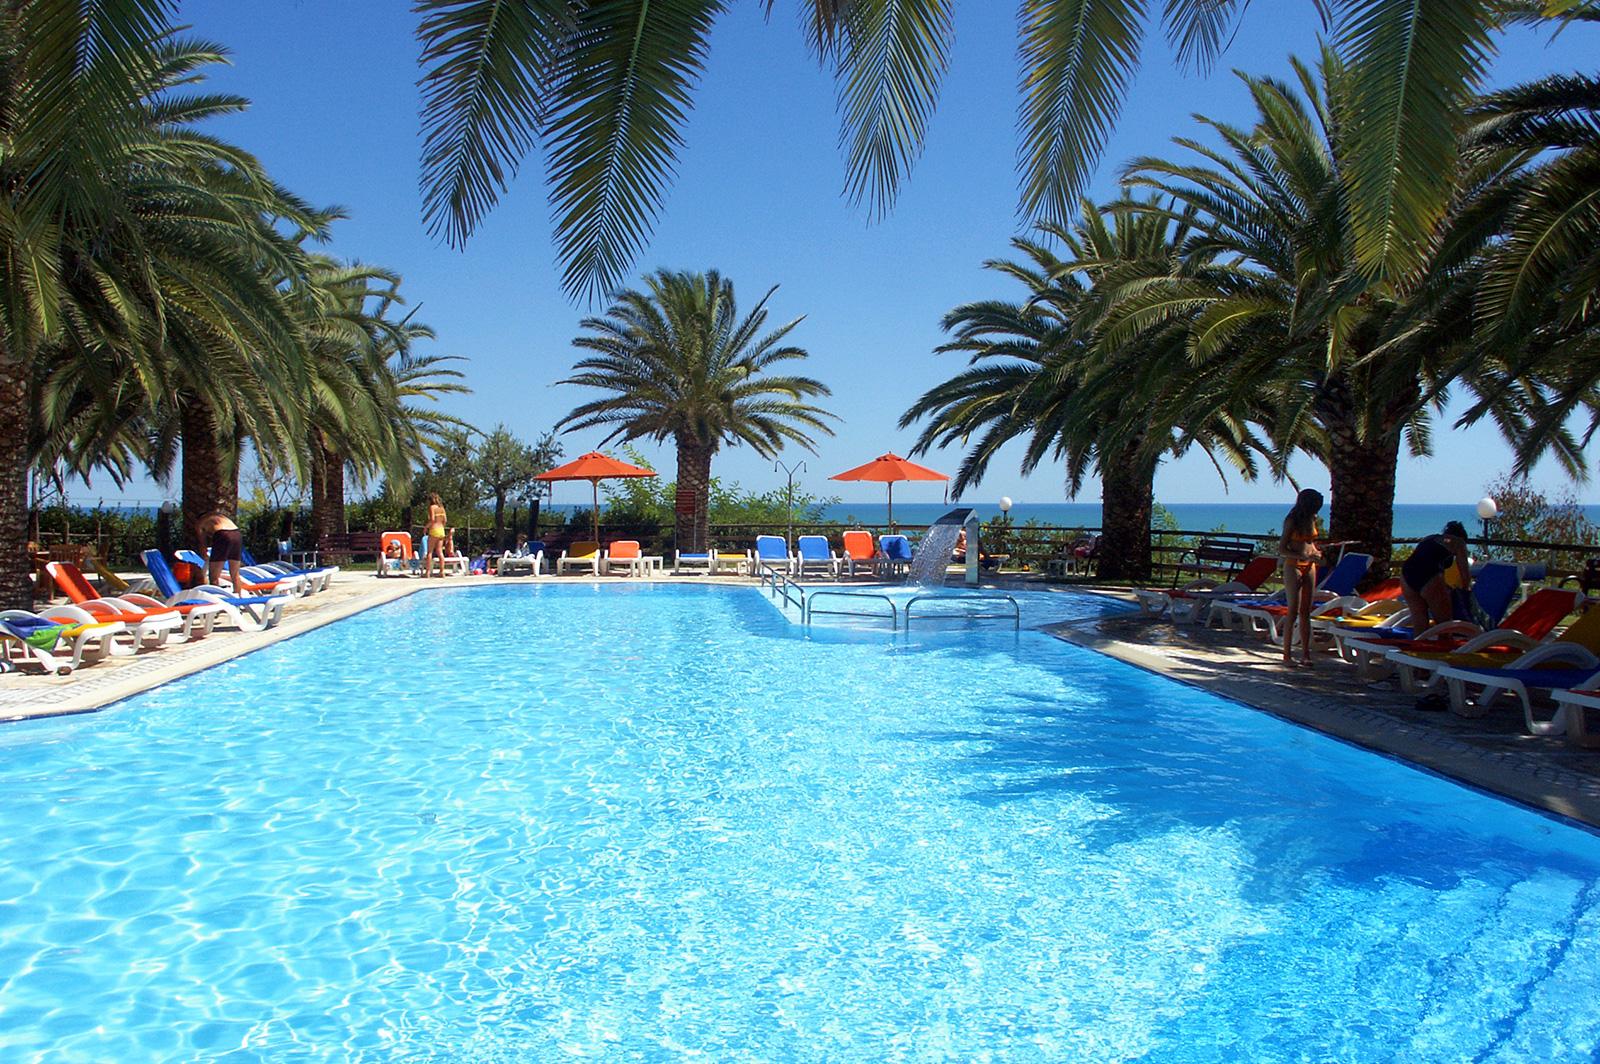 Spiaggia e piscina gratis villaggio tibiceco for Piscina gratuita